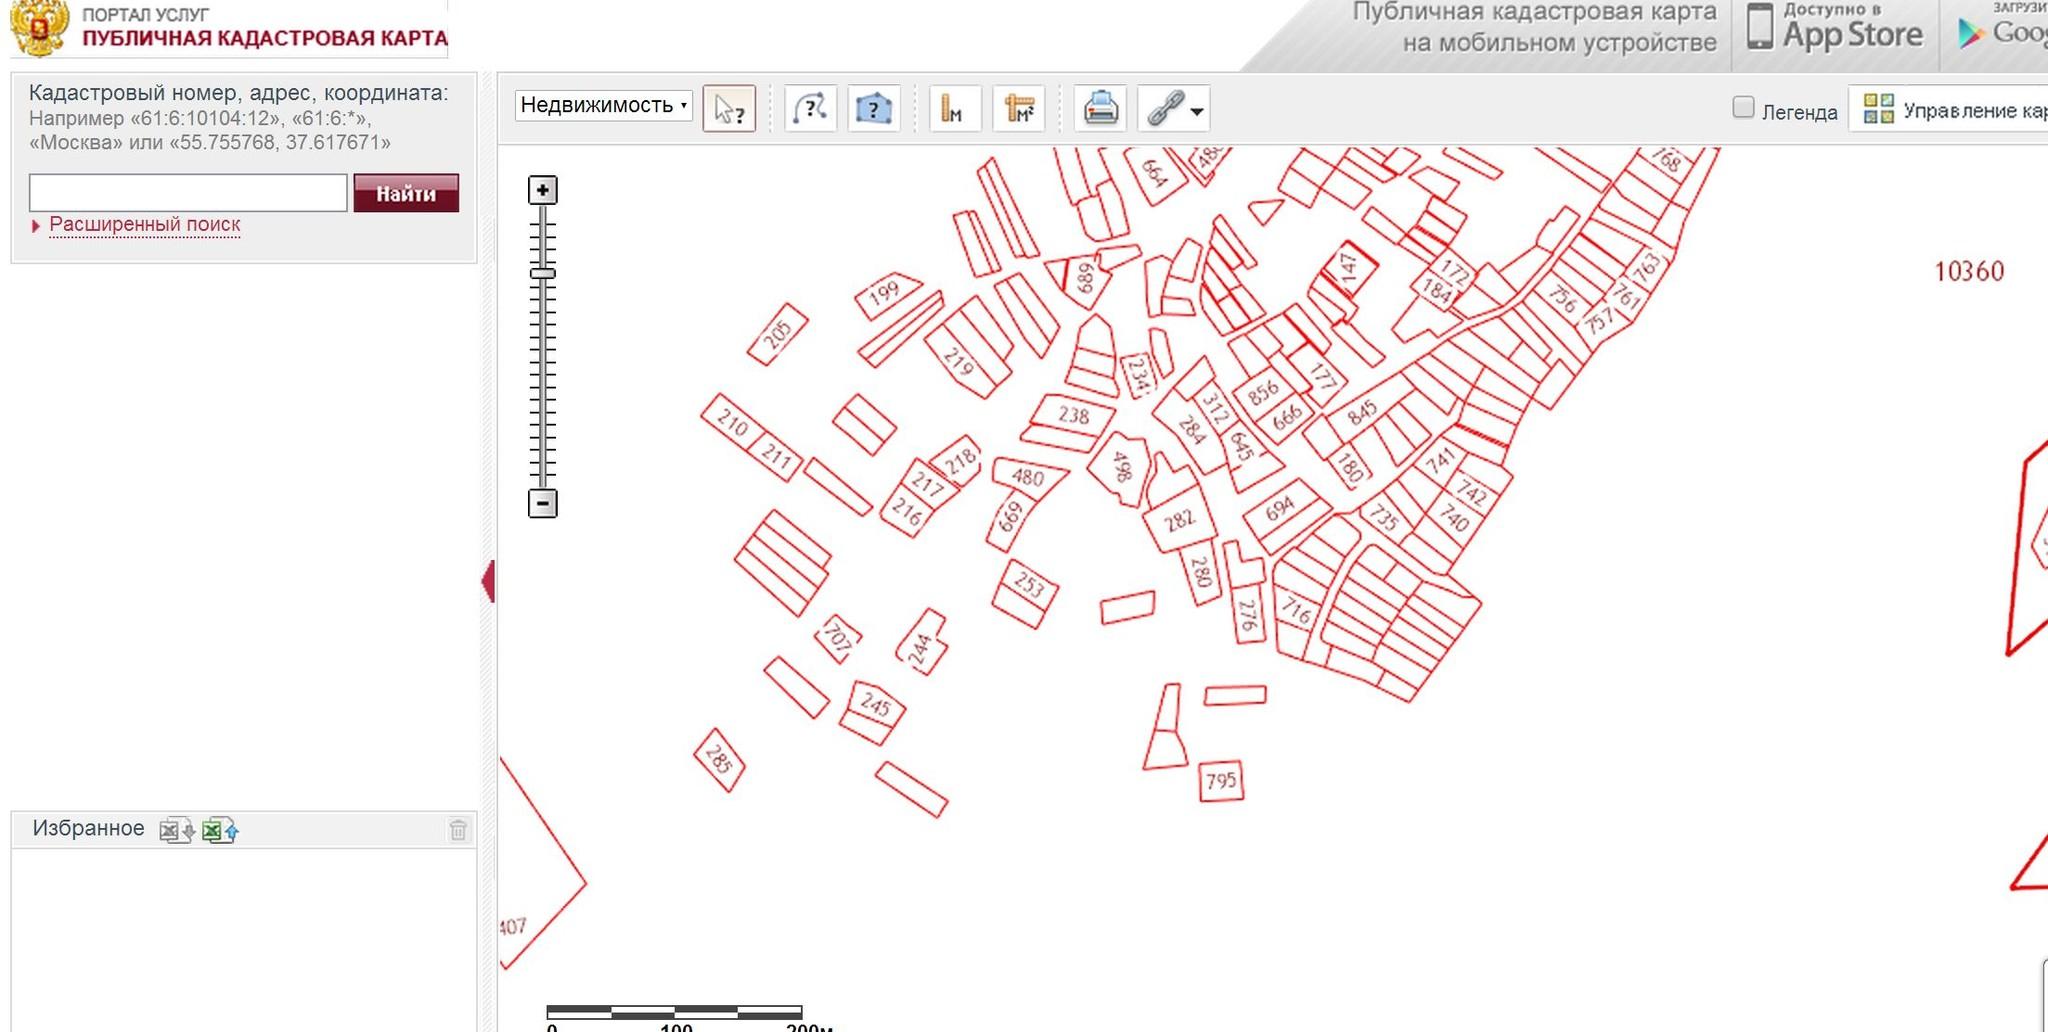 Как сделать выкопировку из публичной кадастровой карты